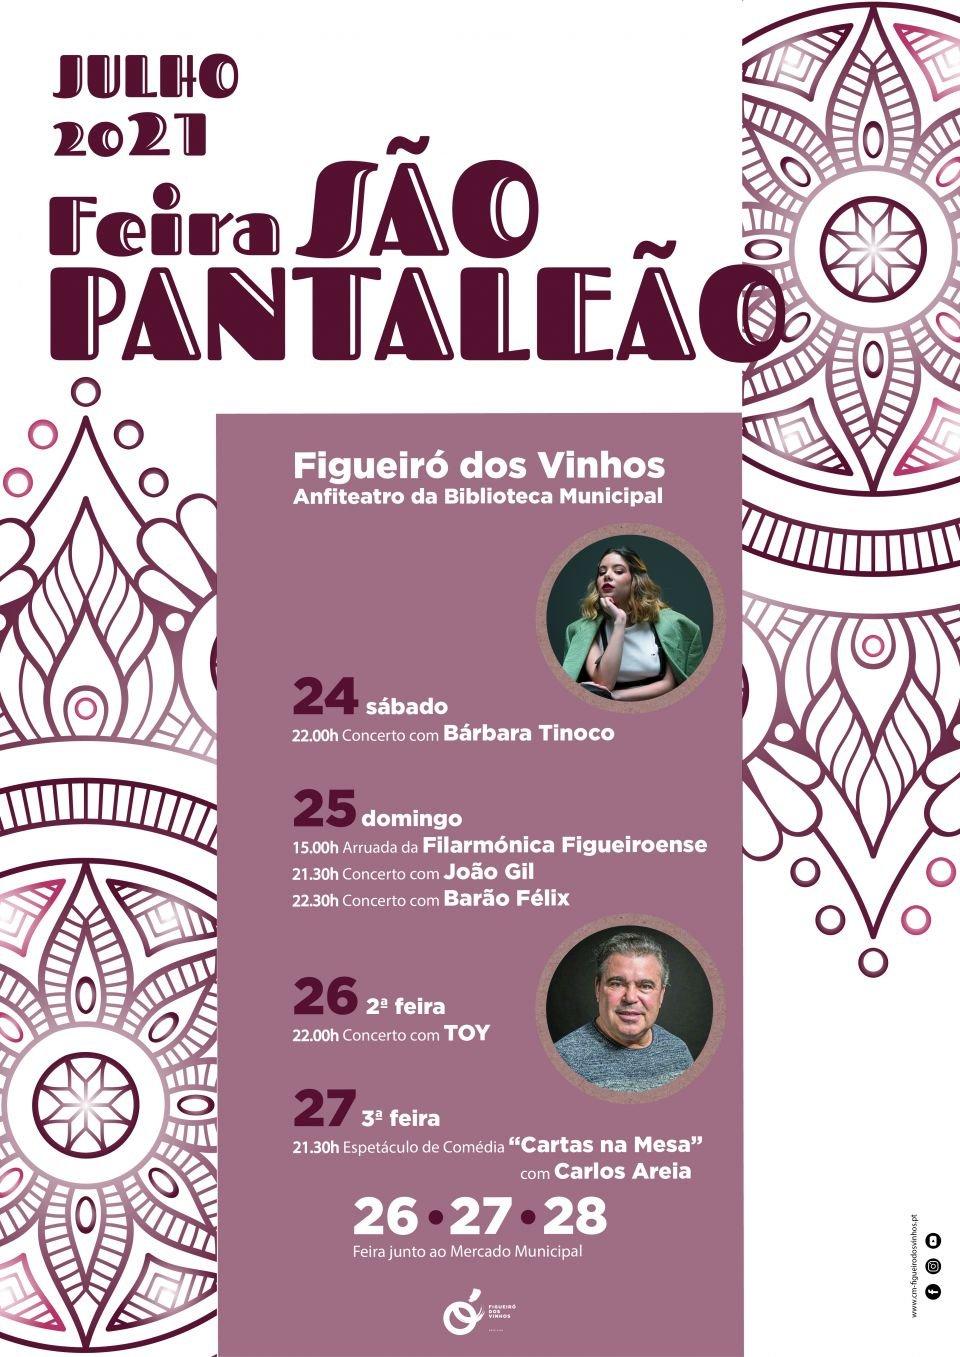 Feira de São Pantaleão Com Música e Teatro